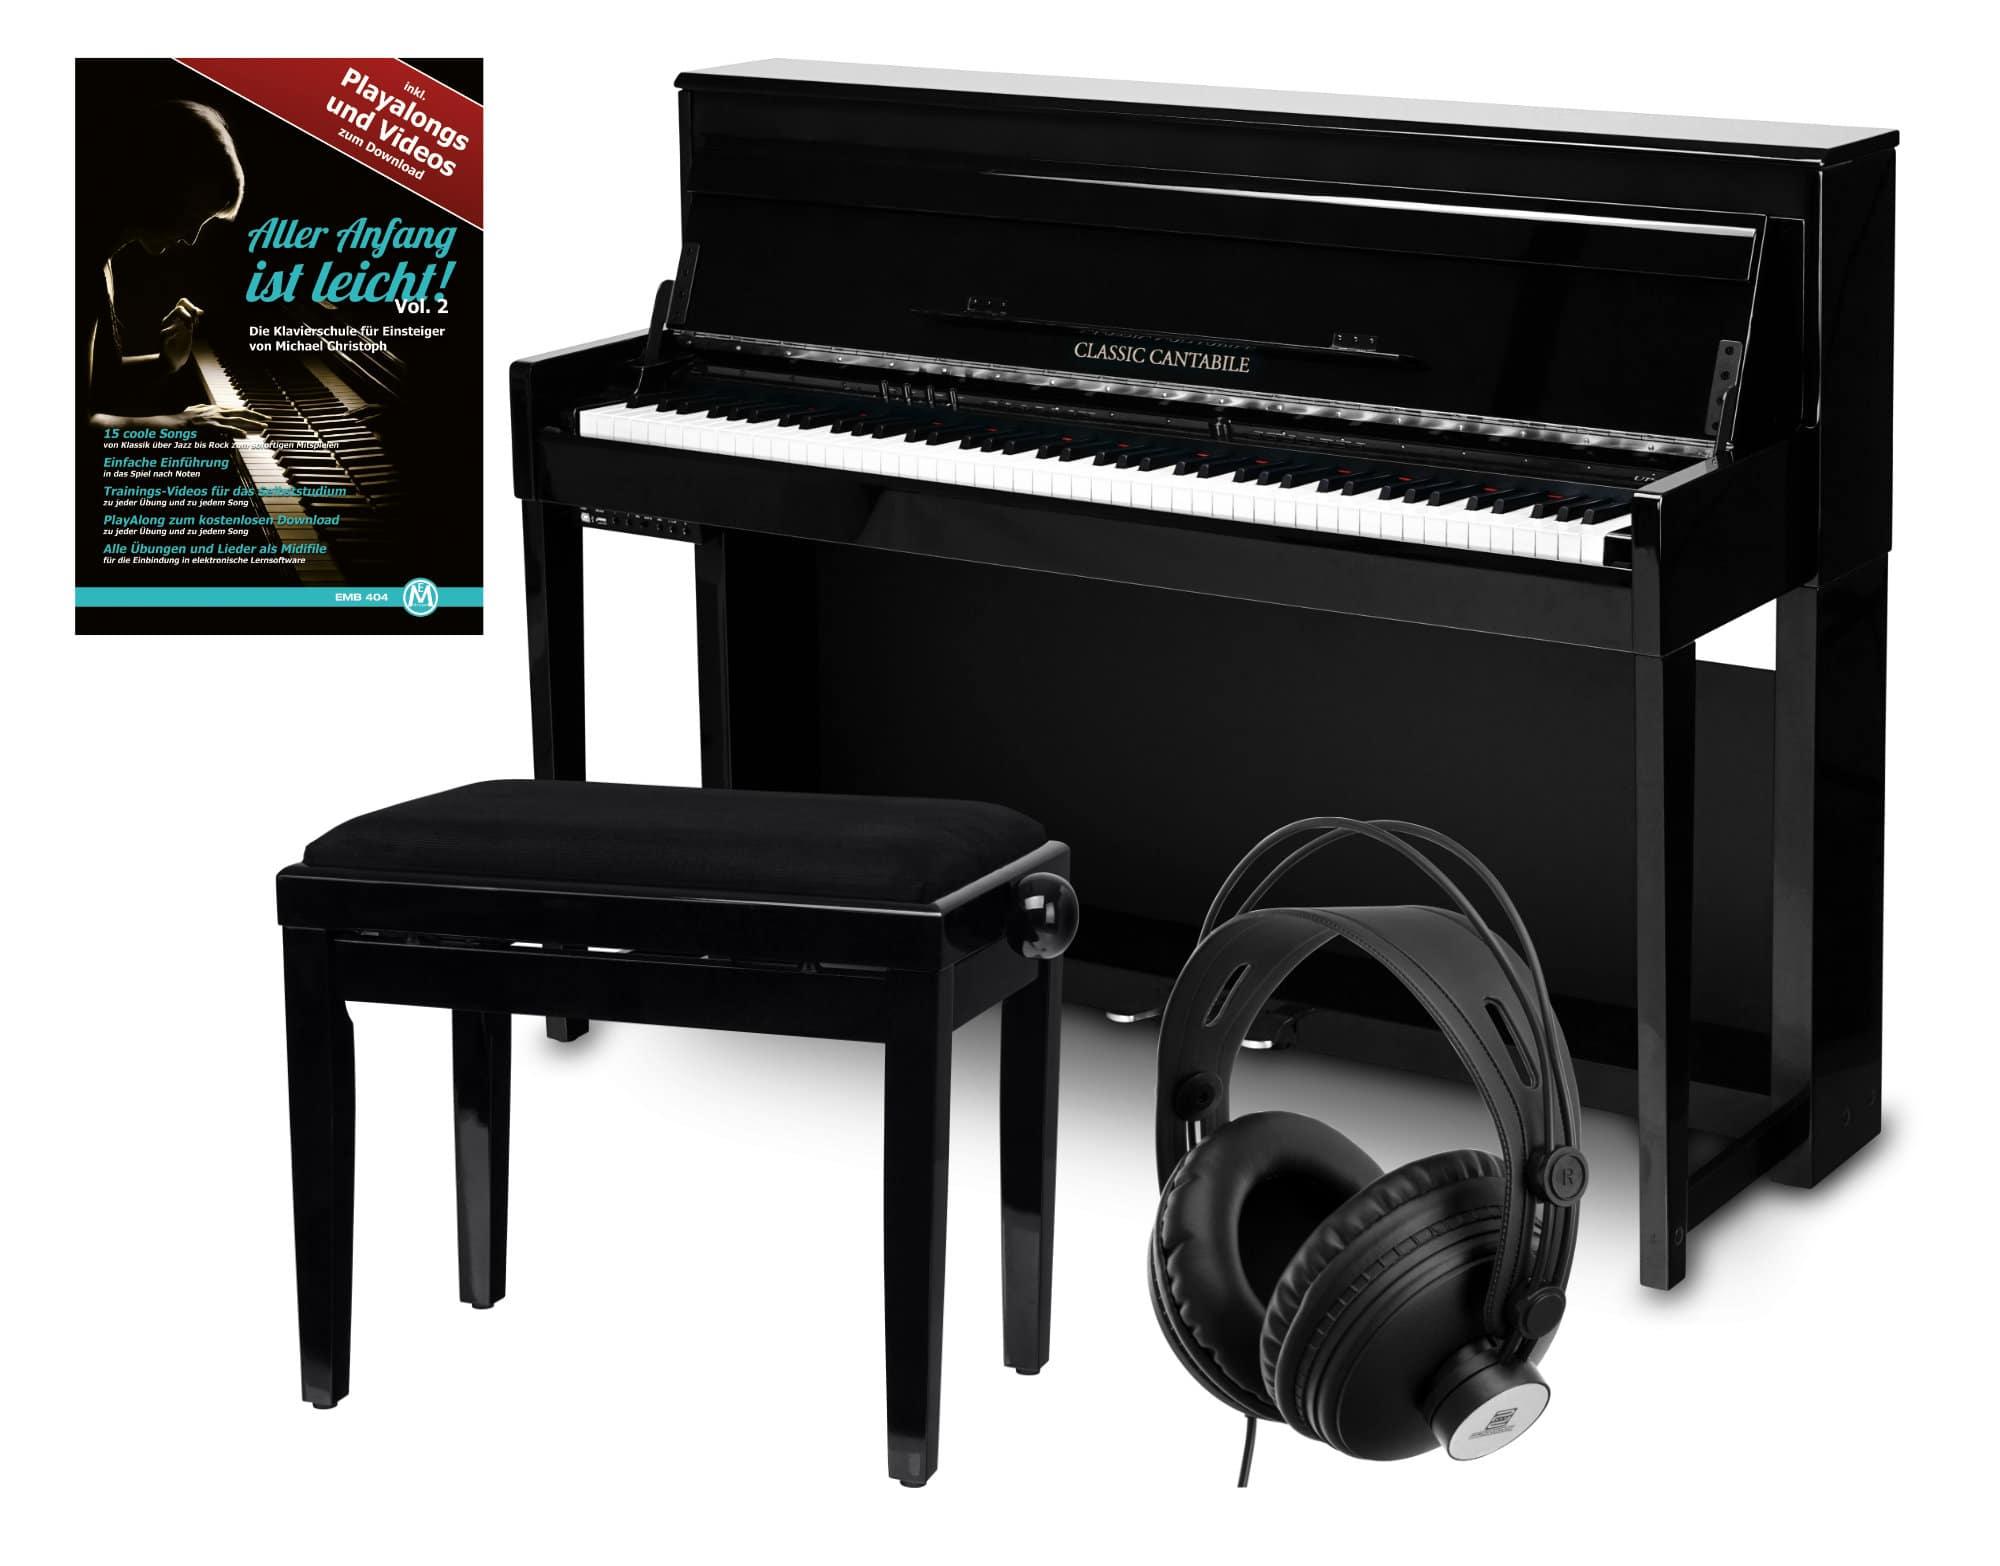 Classic cantabile up 1 sh pianoforte digitale nero lucido set deluxe